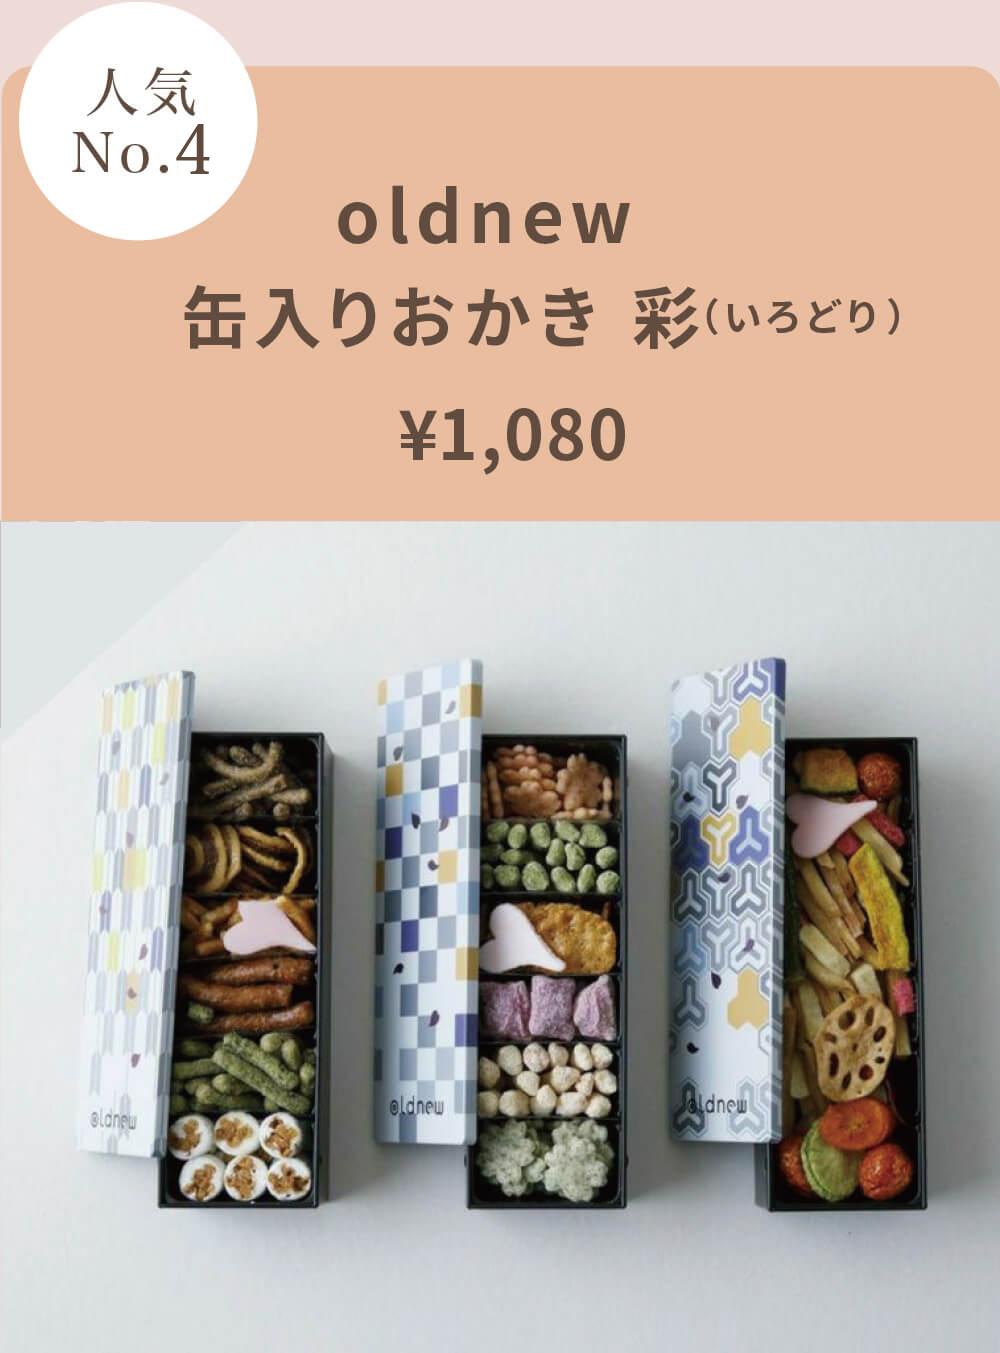 oldnew缶入りおかき 彩(いろどり)¥1,080